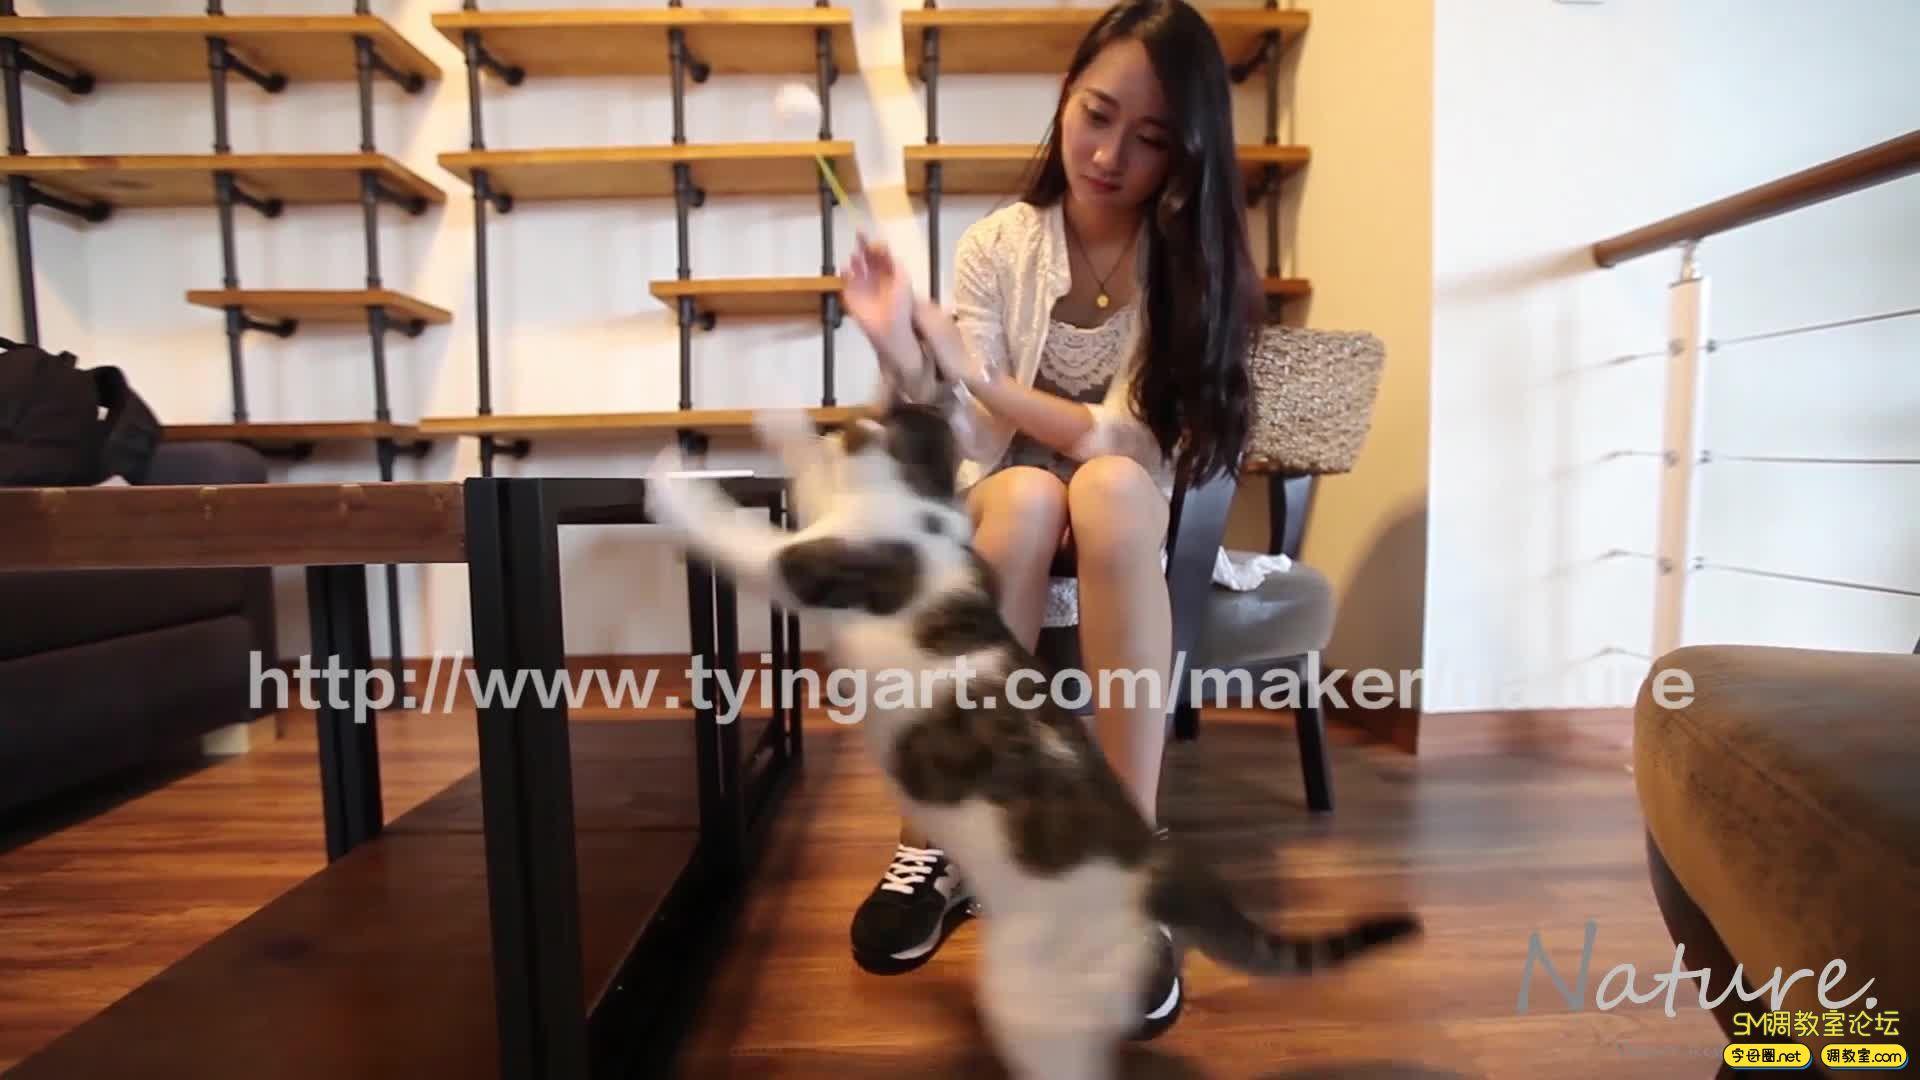 缚リ芸术 TYINGART镣铐美女戏弄小花猫-视频截图5